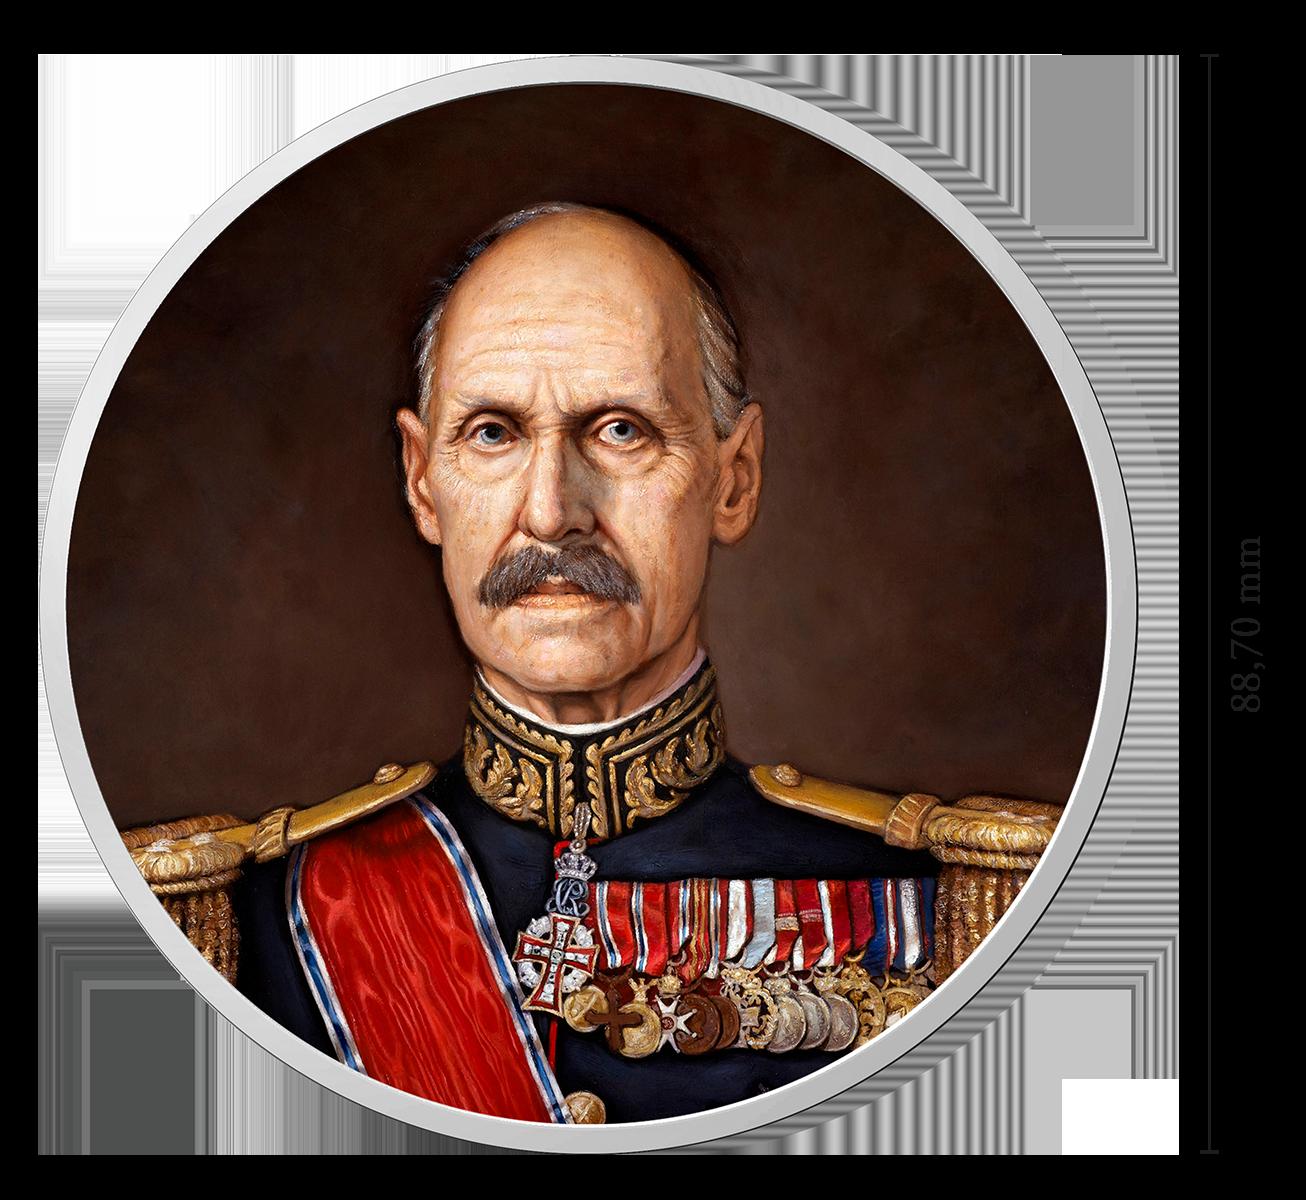 Gigantmedalje med portrettmaleri av Kong Haakon VII